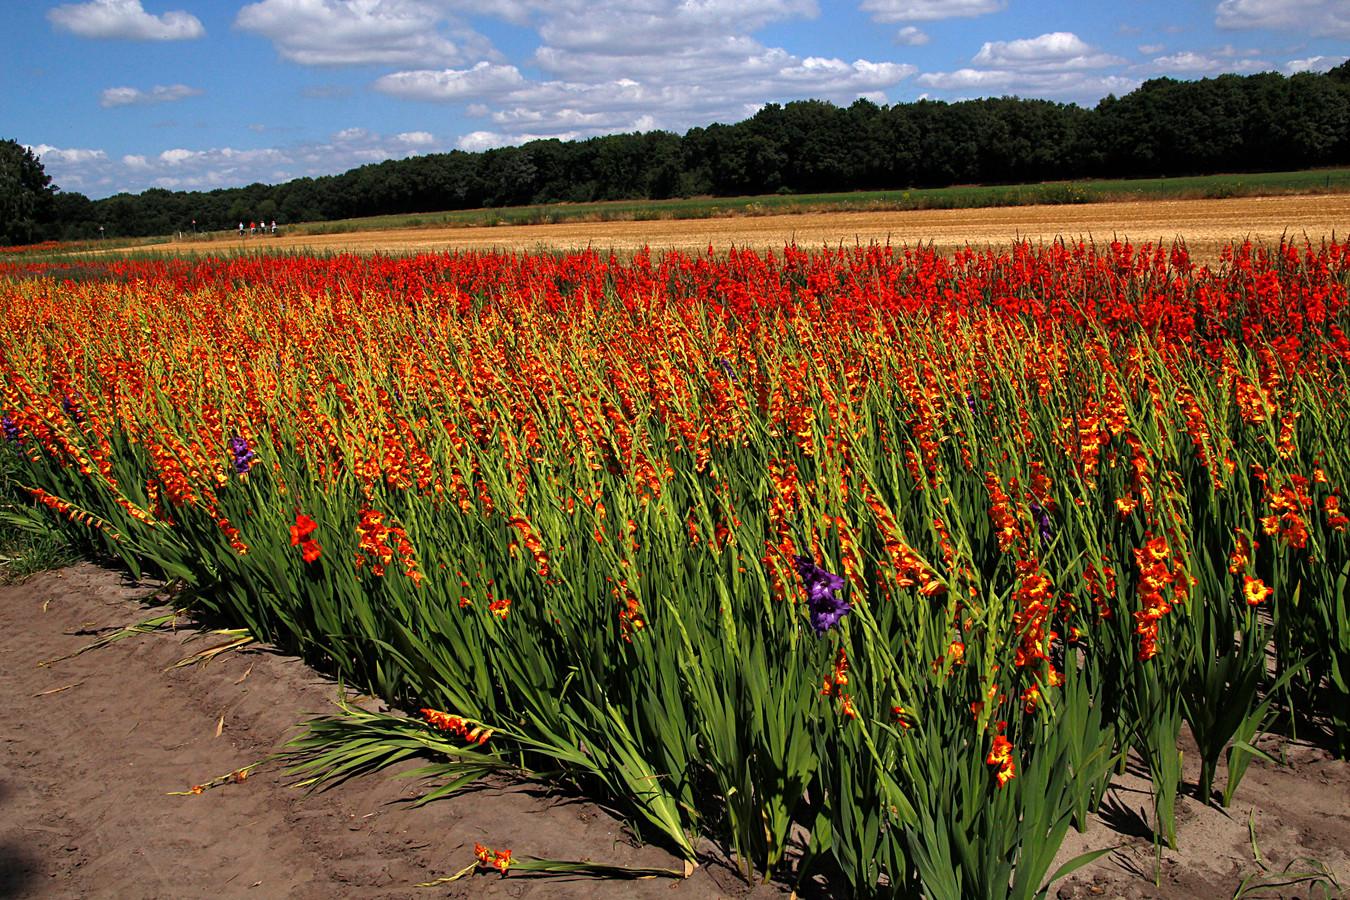 Een veld vol gladiolen. Foto ter illustratie. Deze foto is niet in de gemeente Landerd gemaakt.